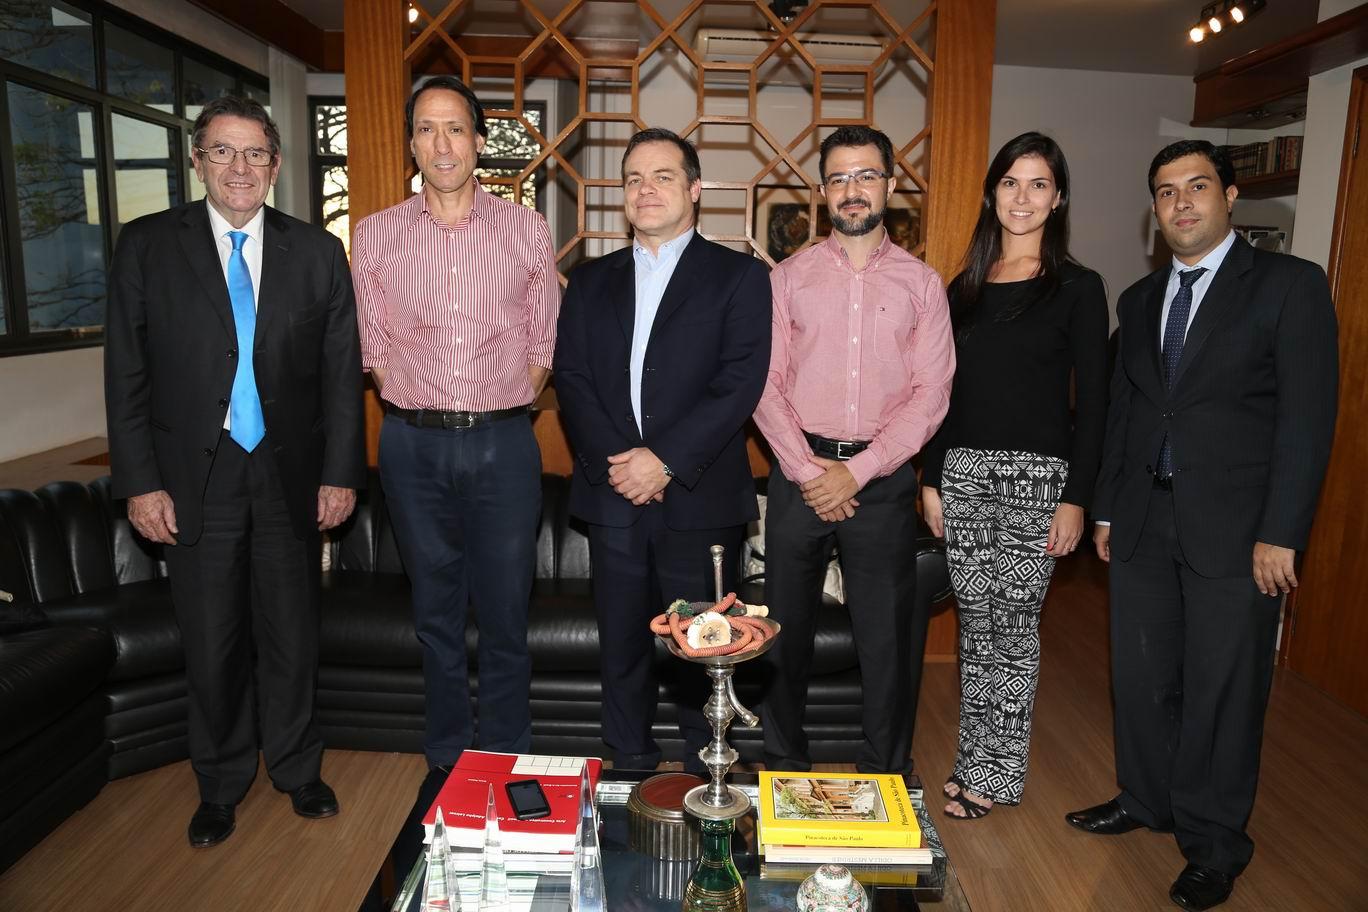 A Diretoria do Grupo JP recebeu a visita do embaixador do Chile no Brasil, Sr. Jaime Gazmuri